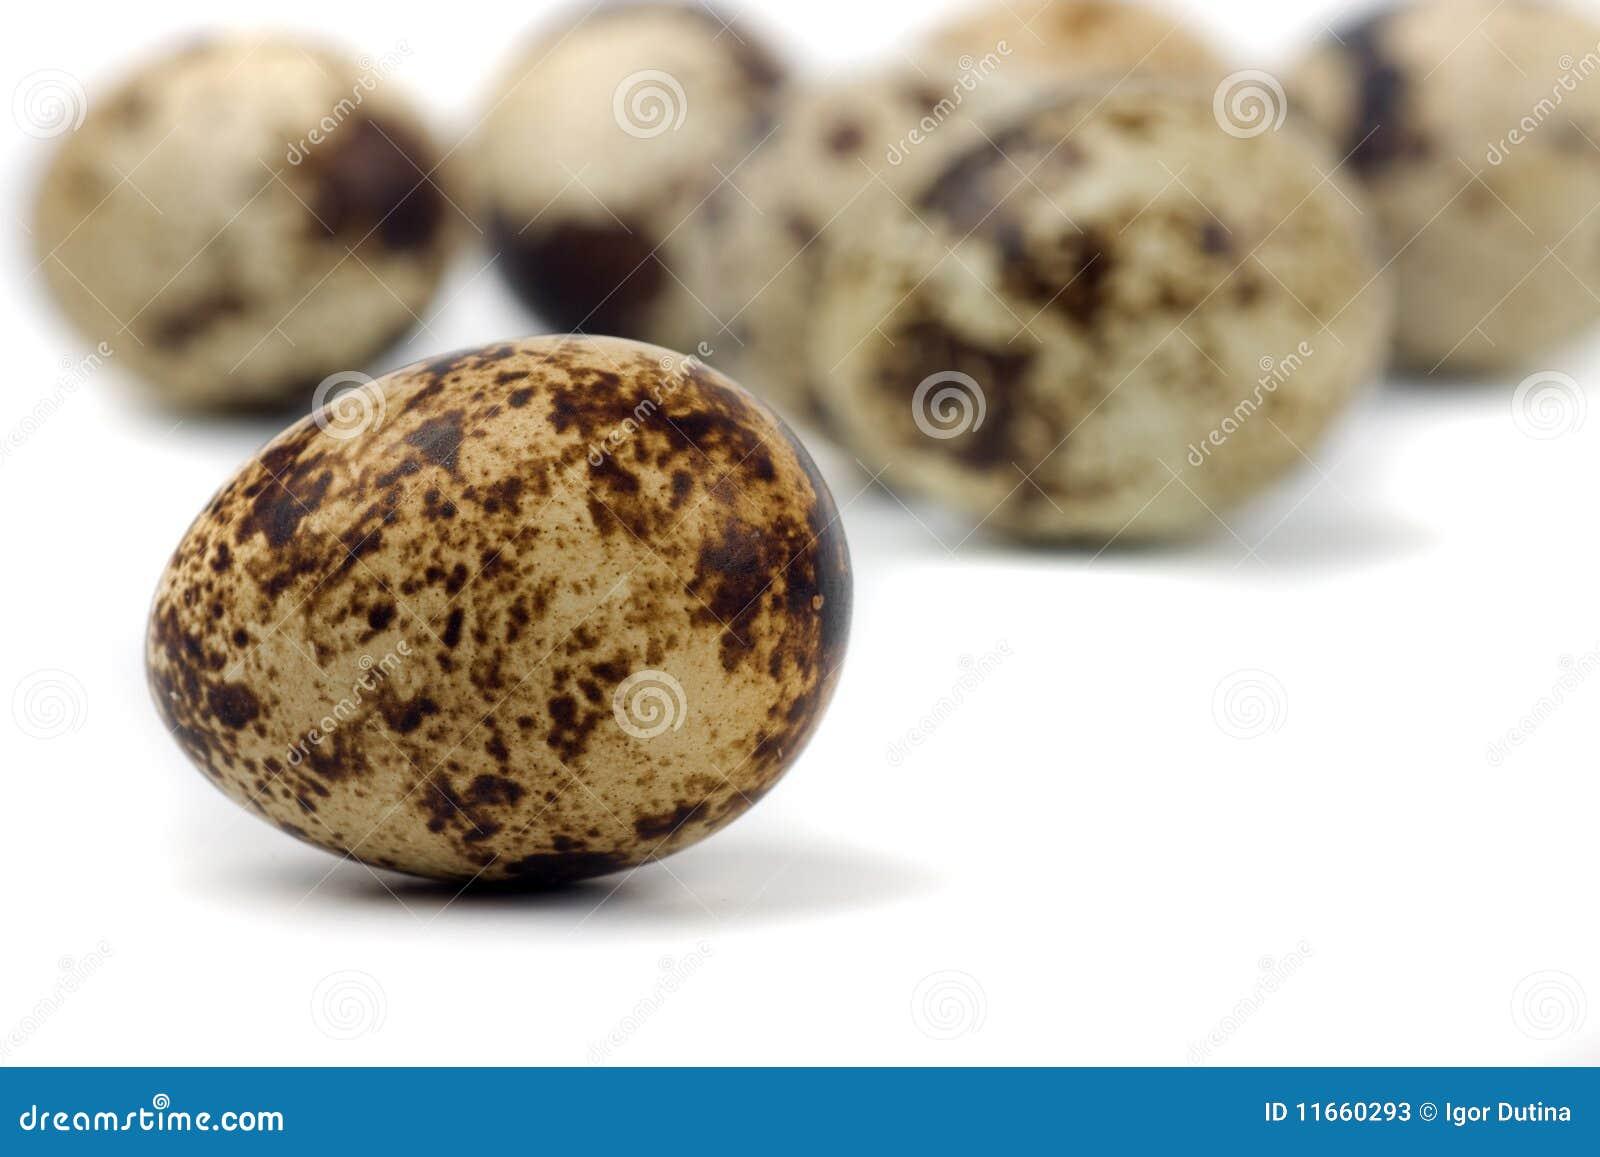 Macro image of quail egg isolated on white background.